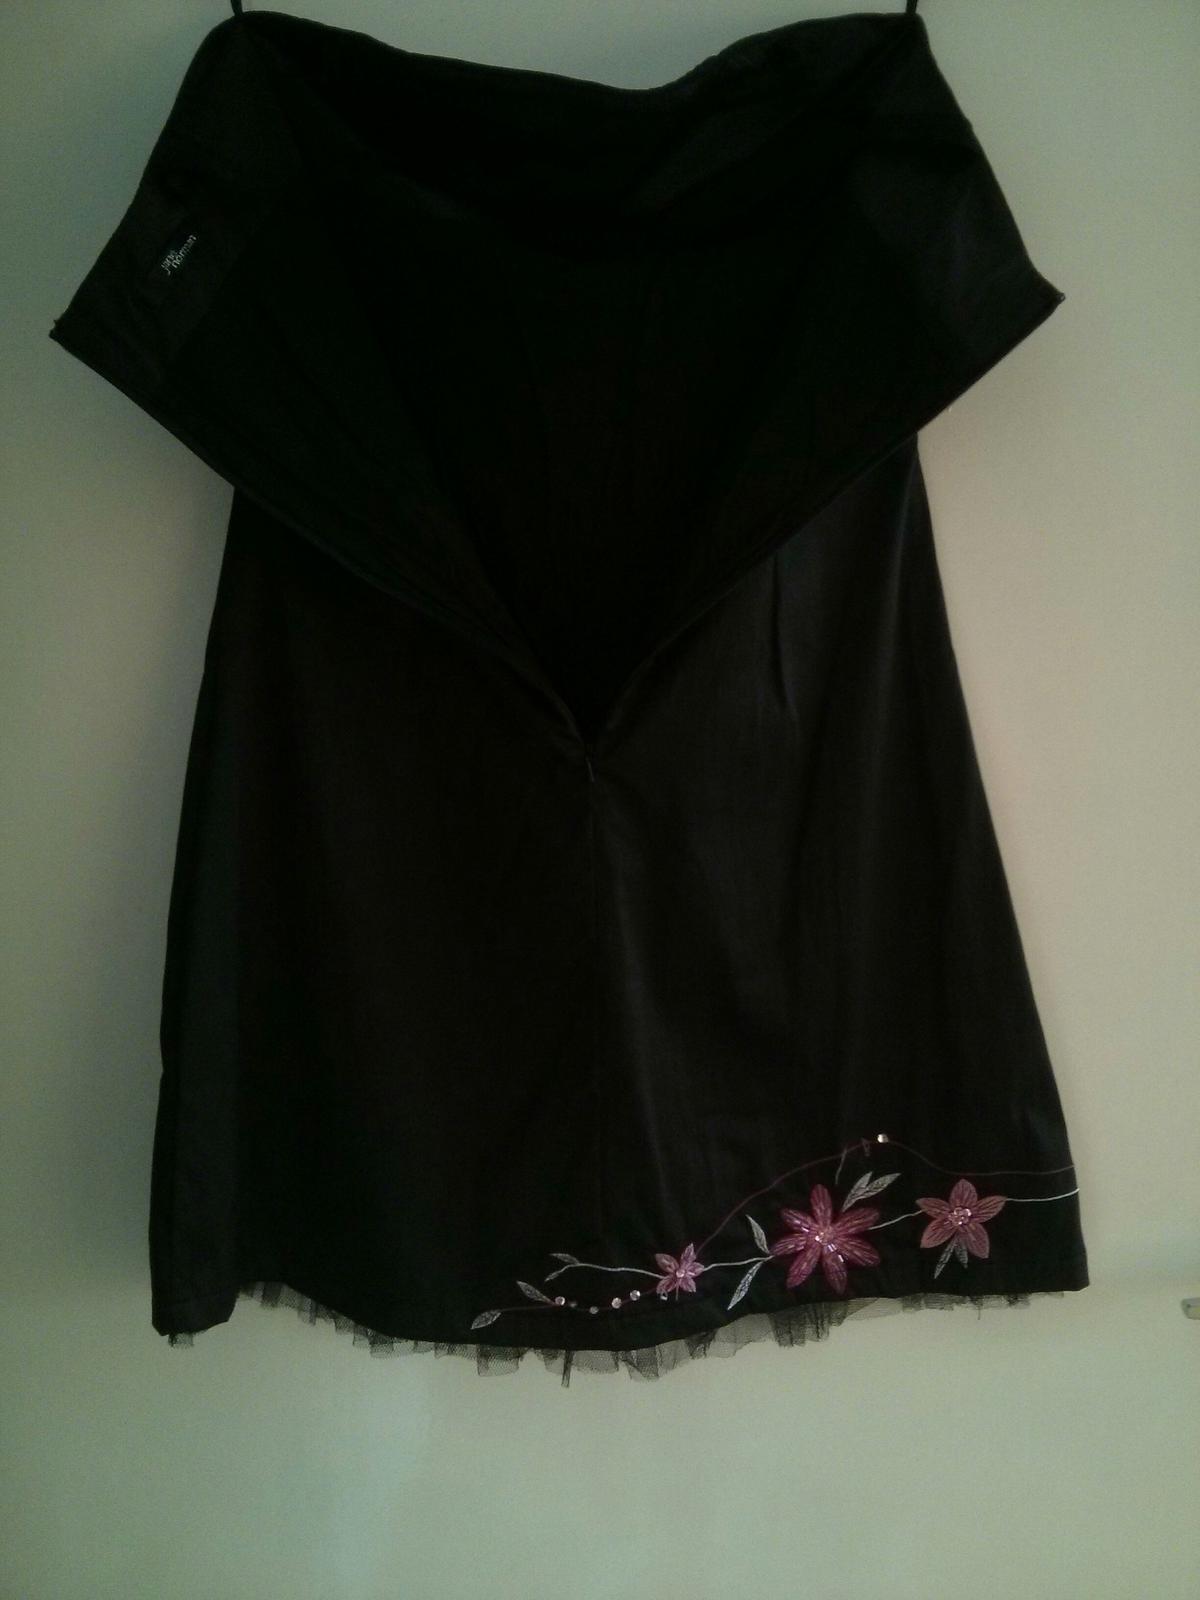 Čierne šaty s výraznými ružovými kvetmi - Obrázok č. 4